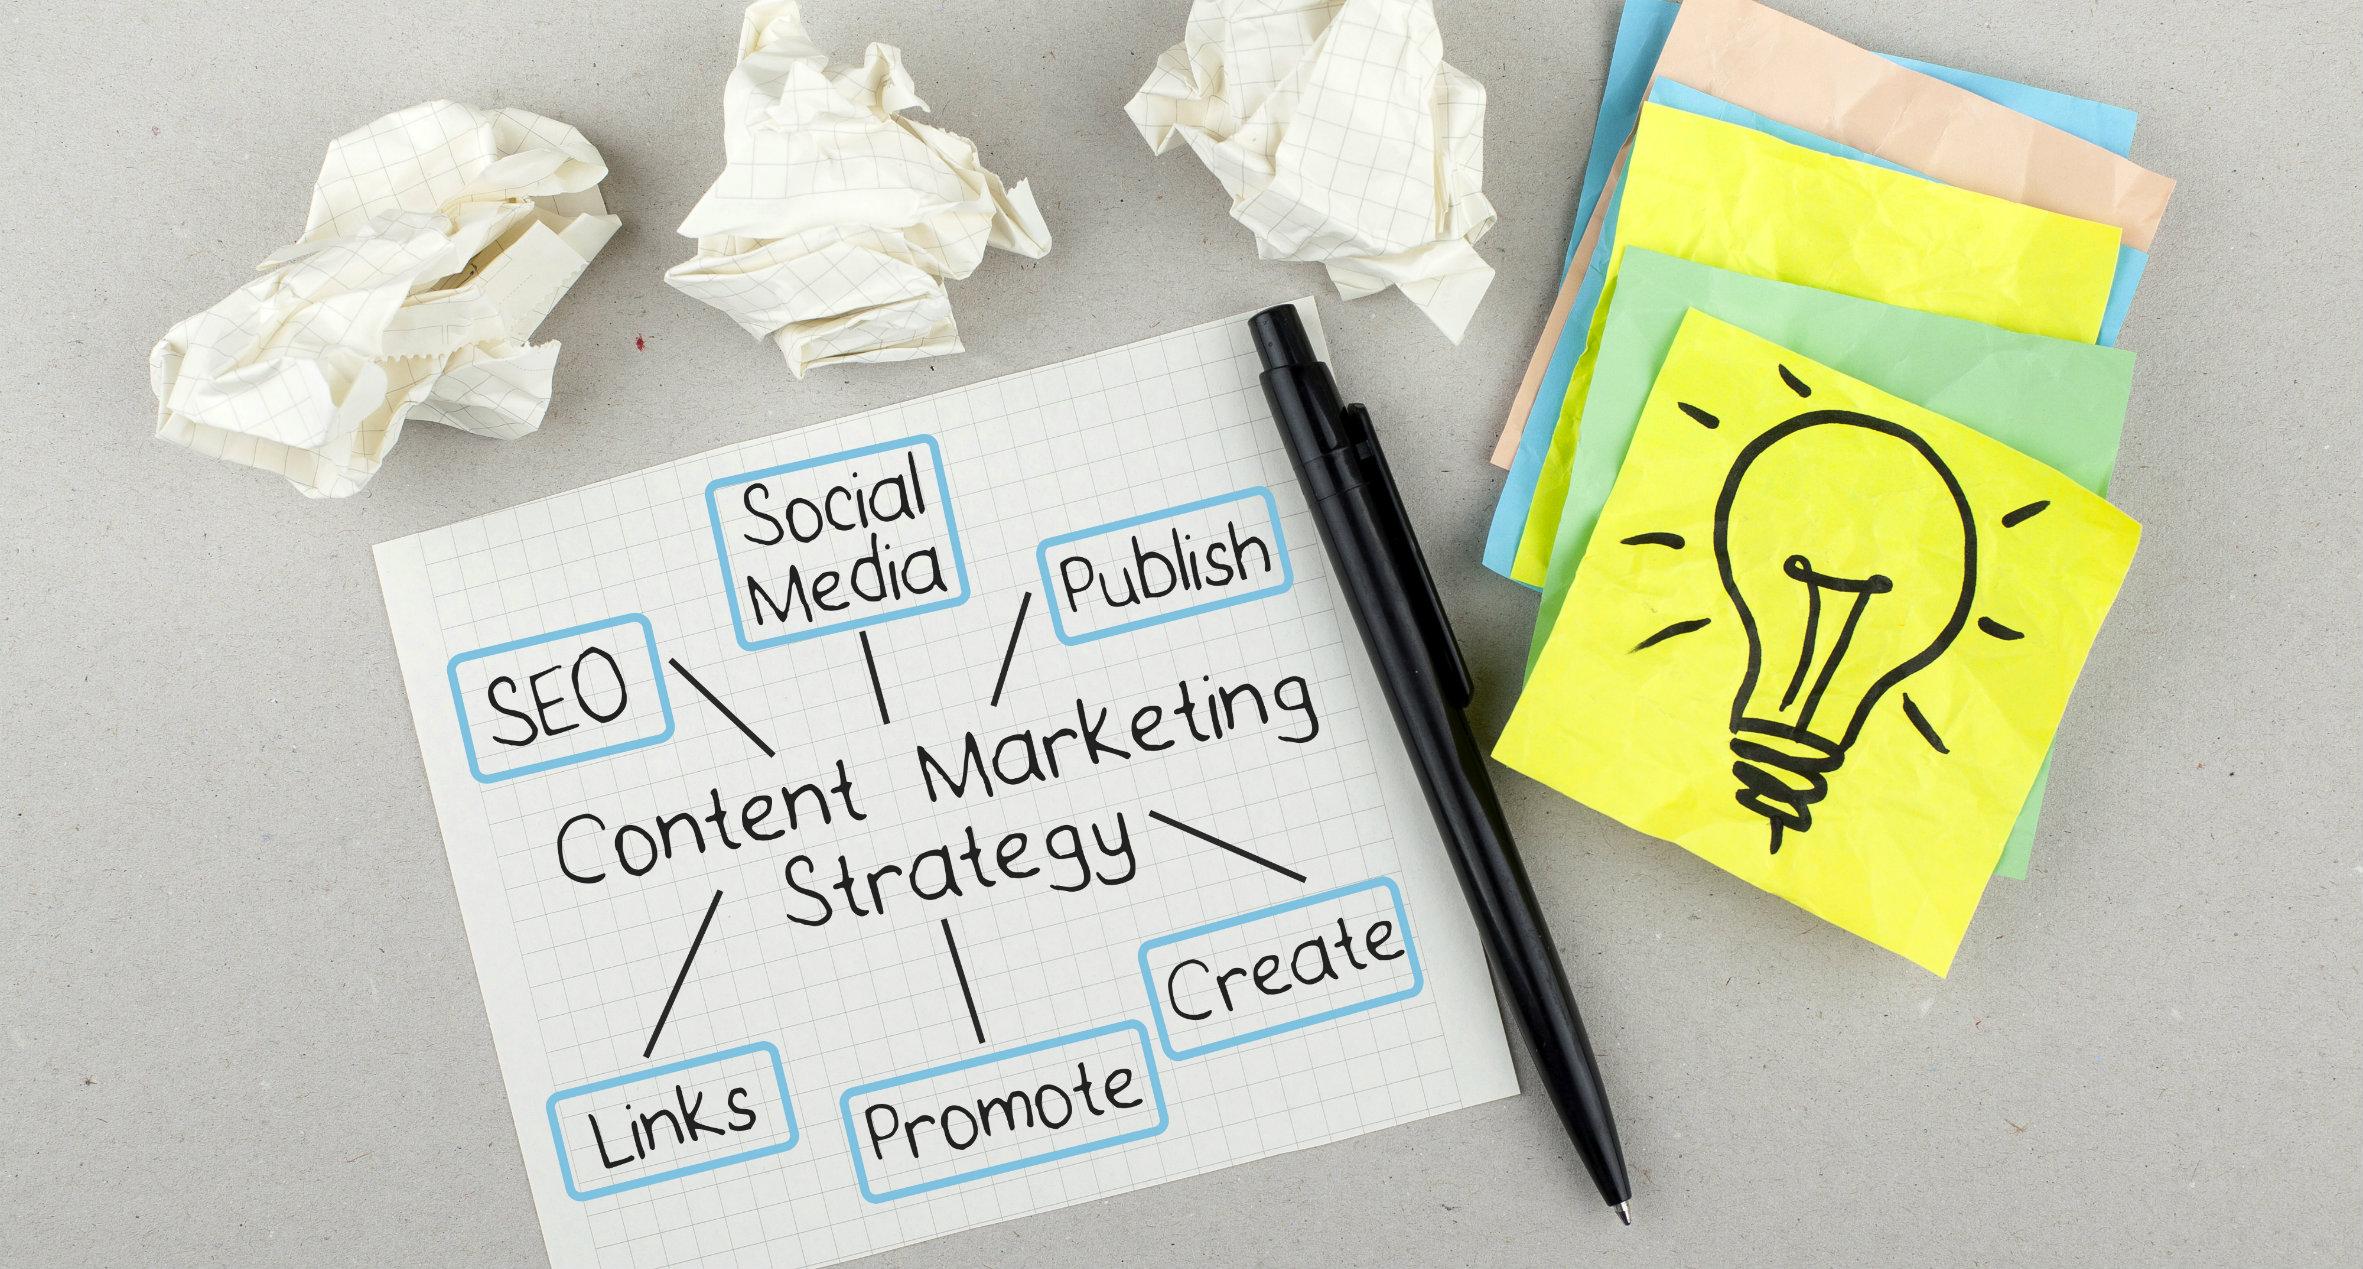 Come promuovere i tuoi contenuti editoriali online?